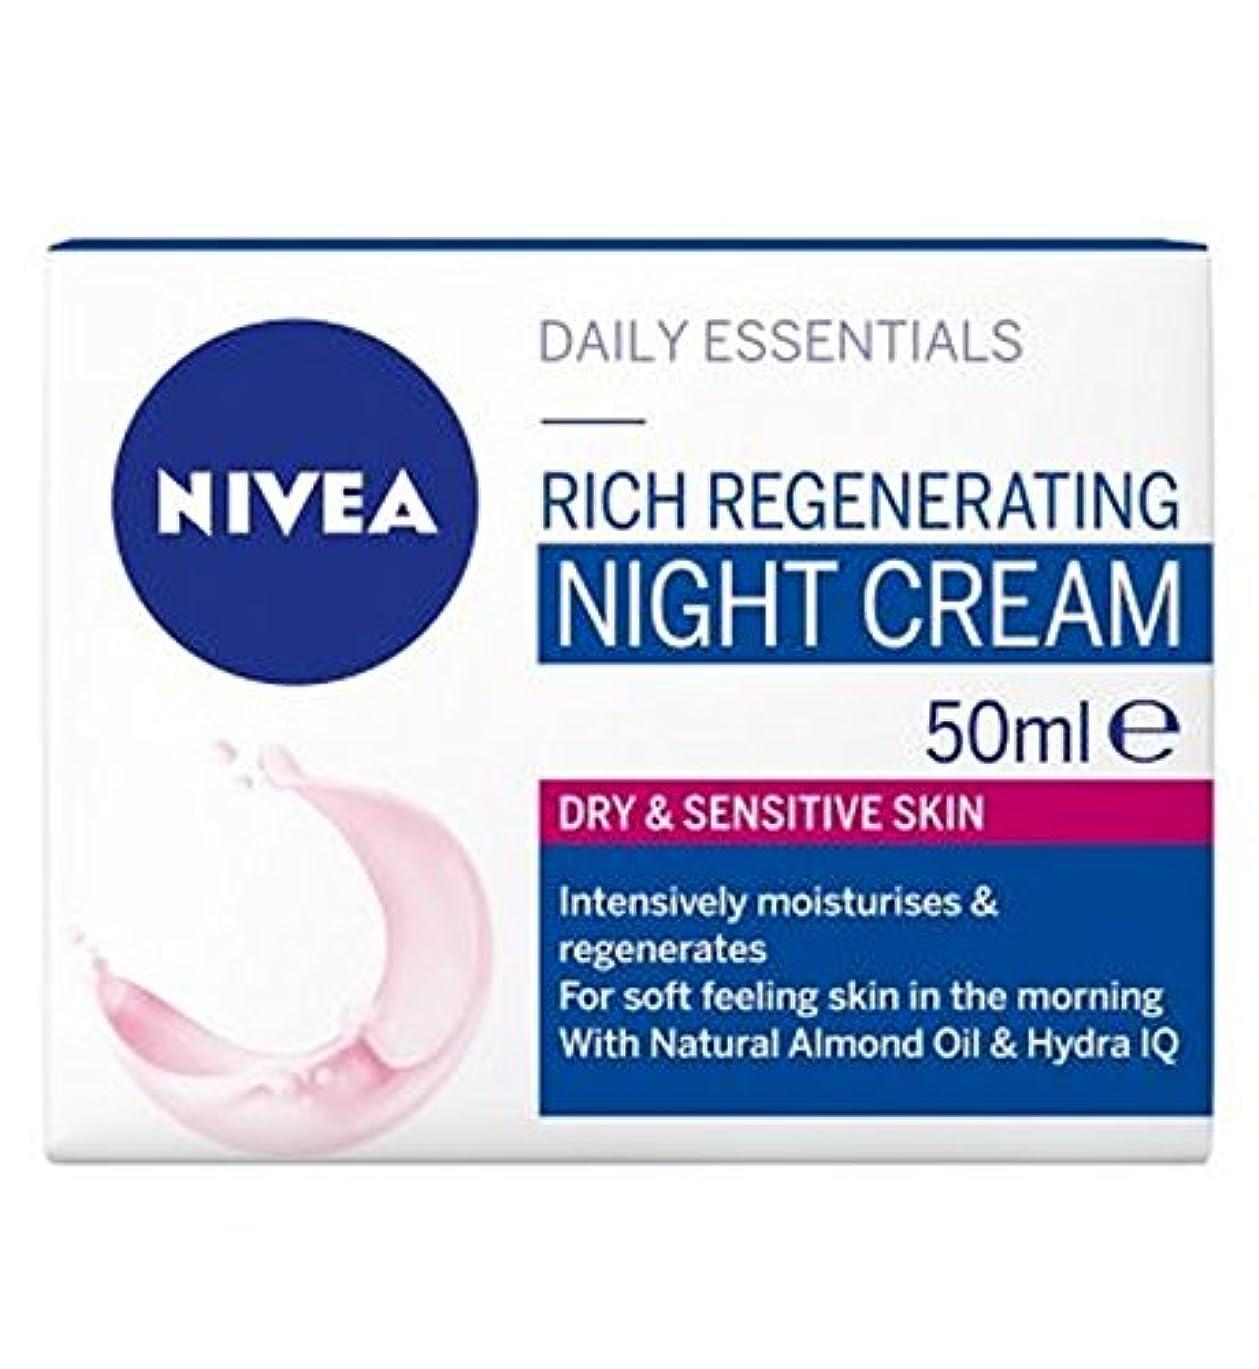 発行する首ソフトウェアNivea Daily Essentials Rich Regenerating Night Cream 50ml - ニベア生活必需品の豊富な再生ナイトクリーム50ミリリットル (Nivea) [並行輸入品]